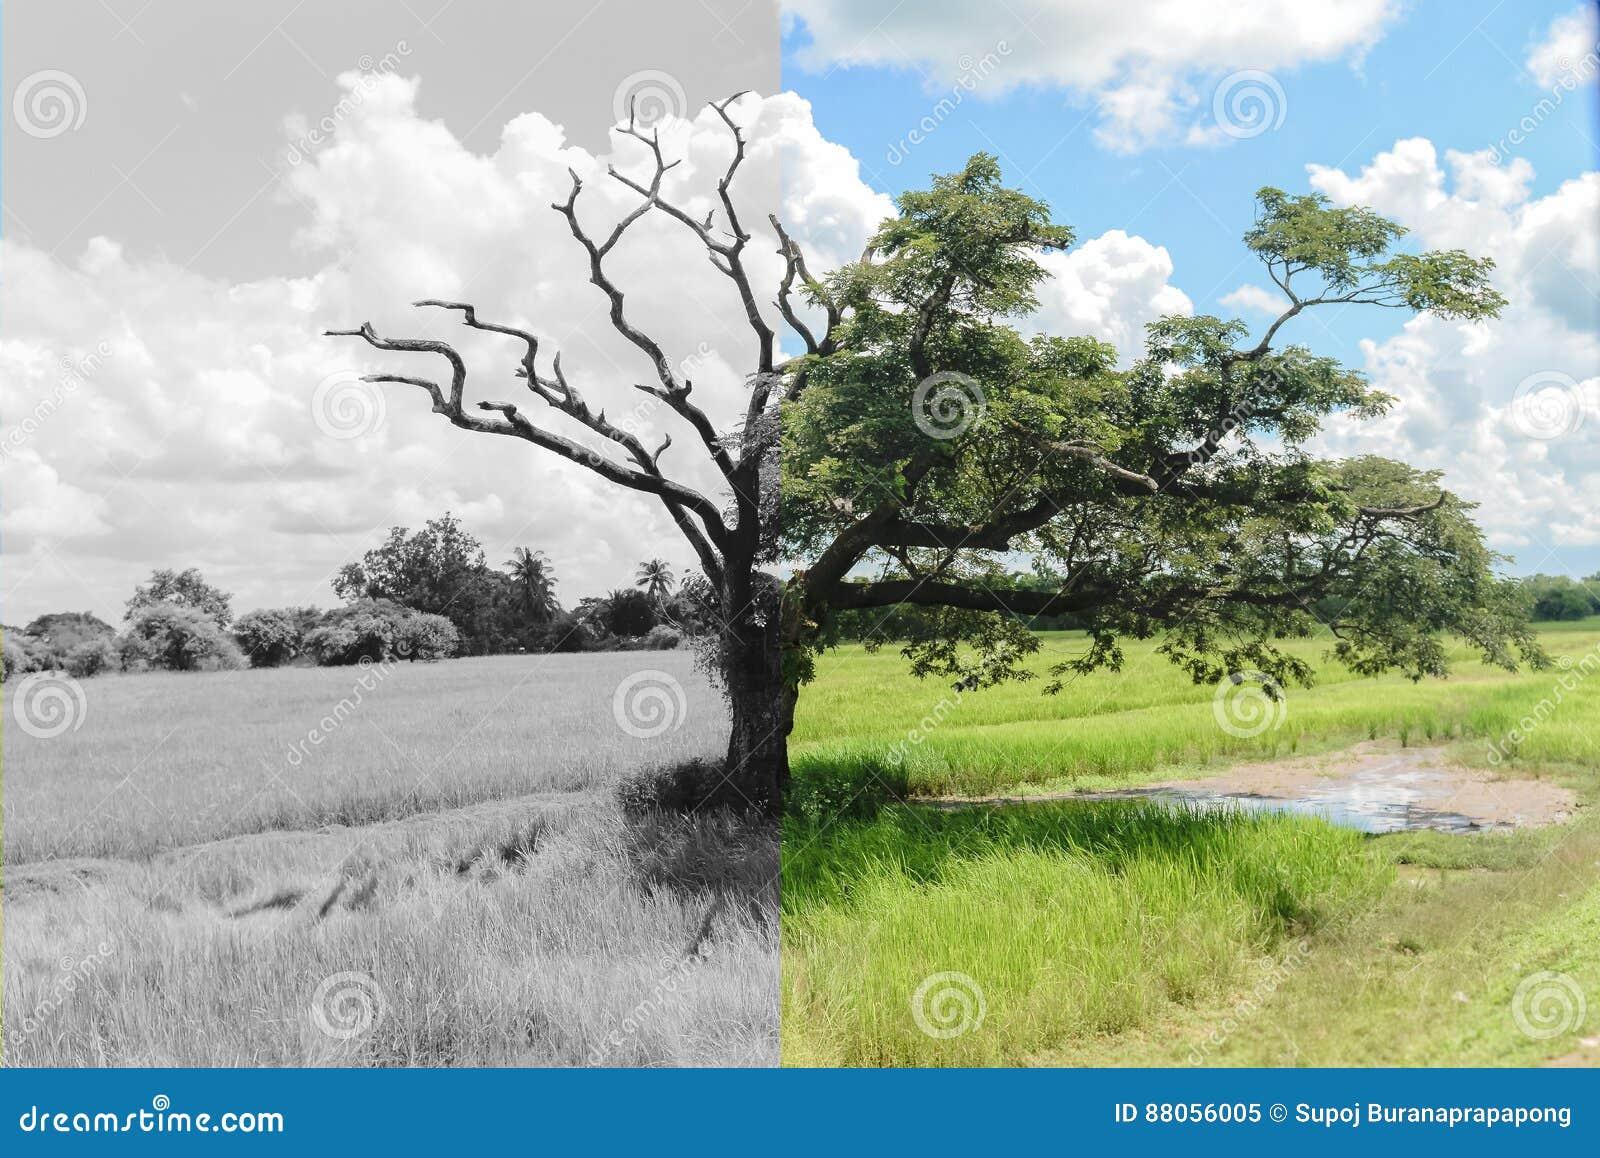 Дерево тайны которое другие наполовину мертвые и другая половина все еще живая